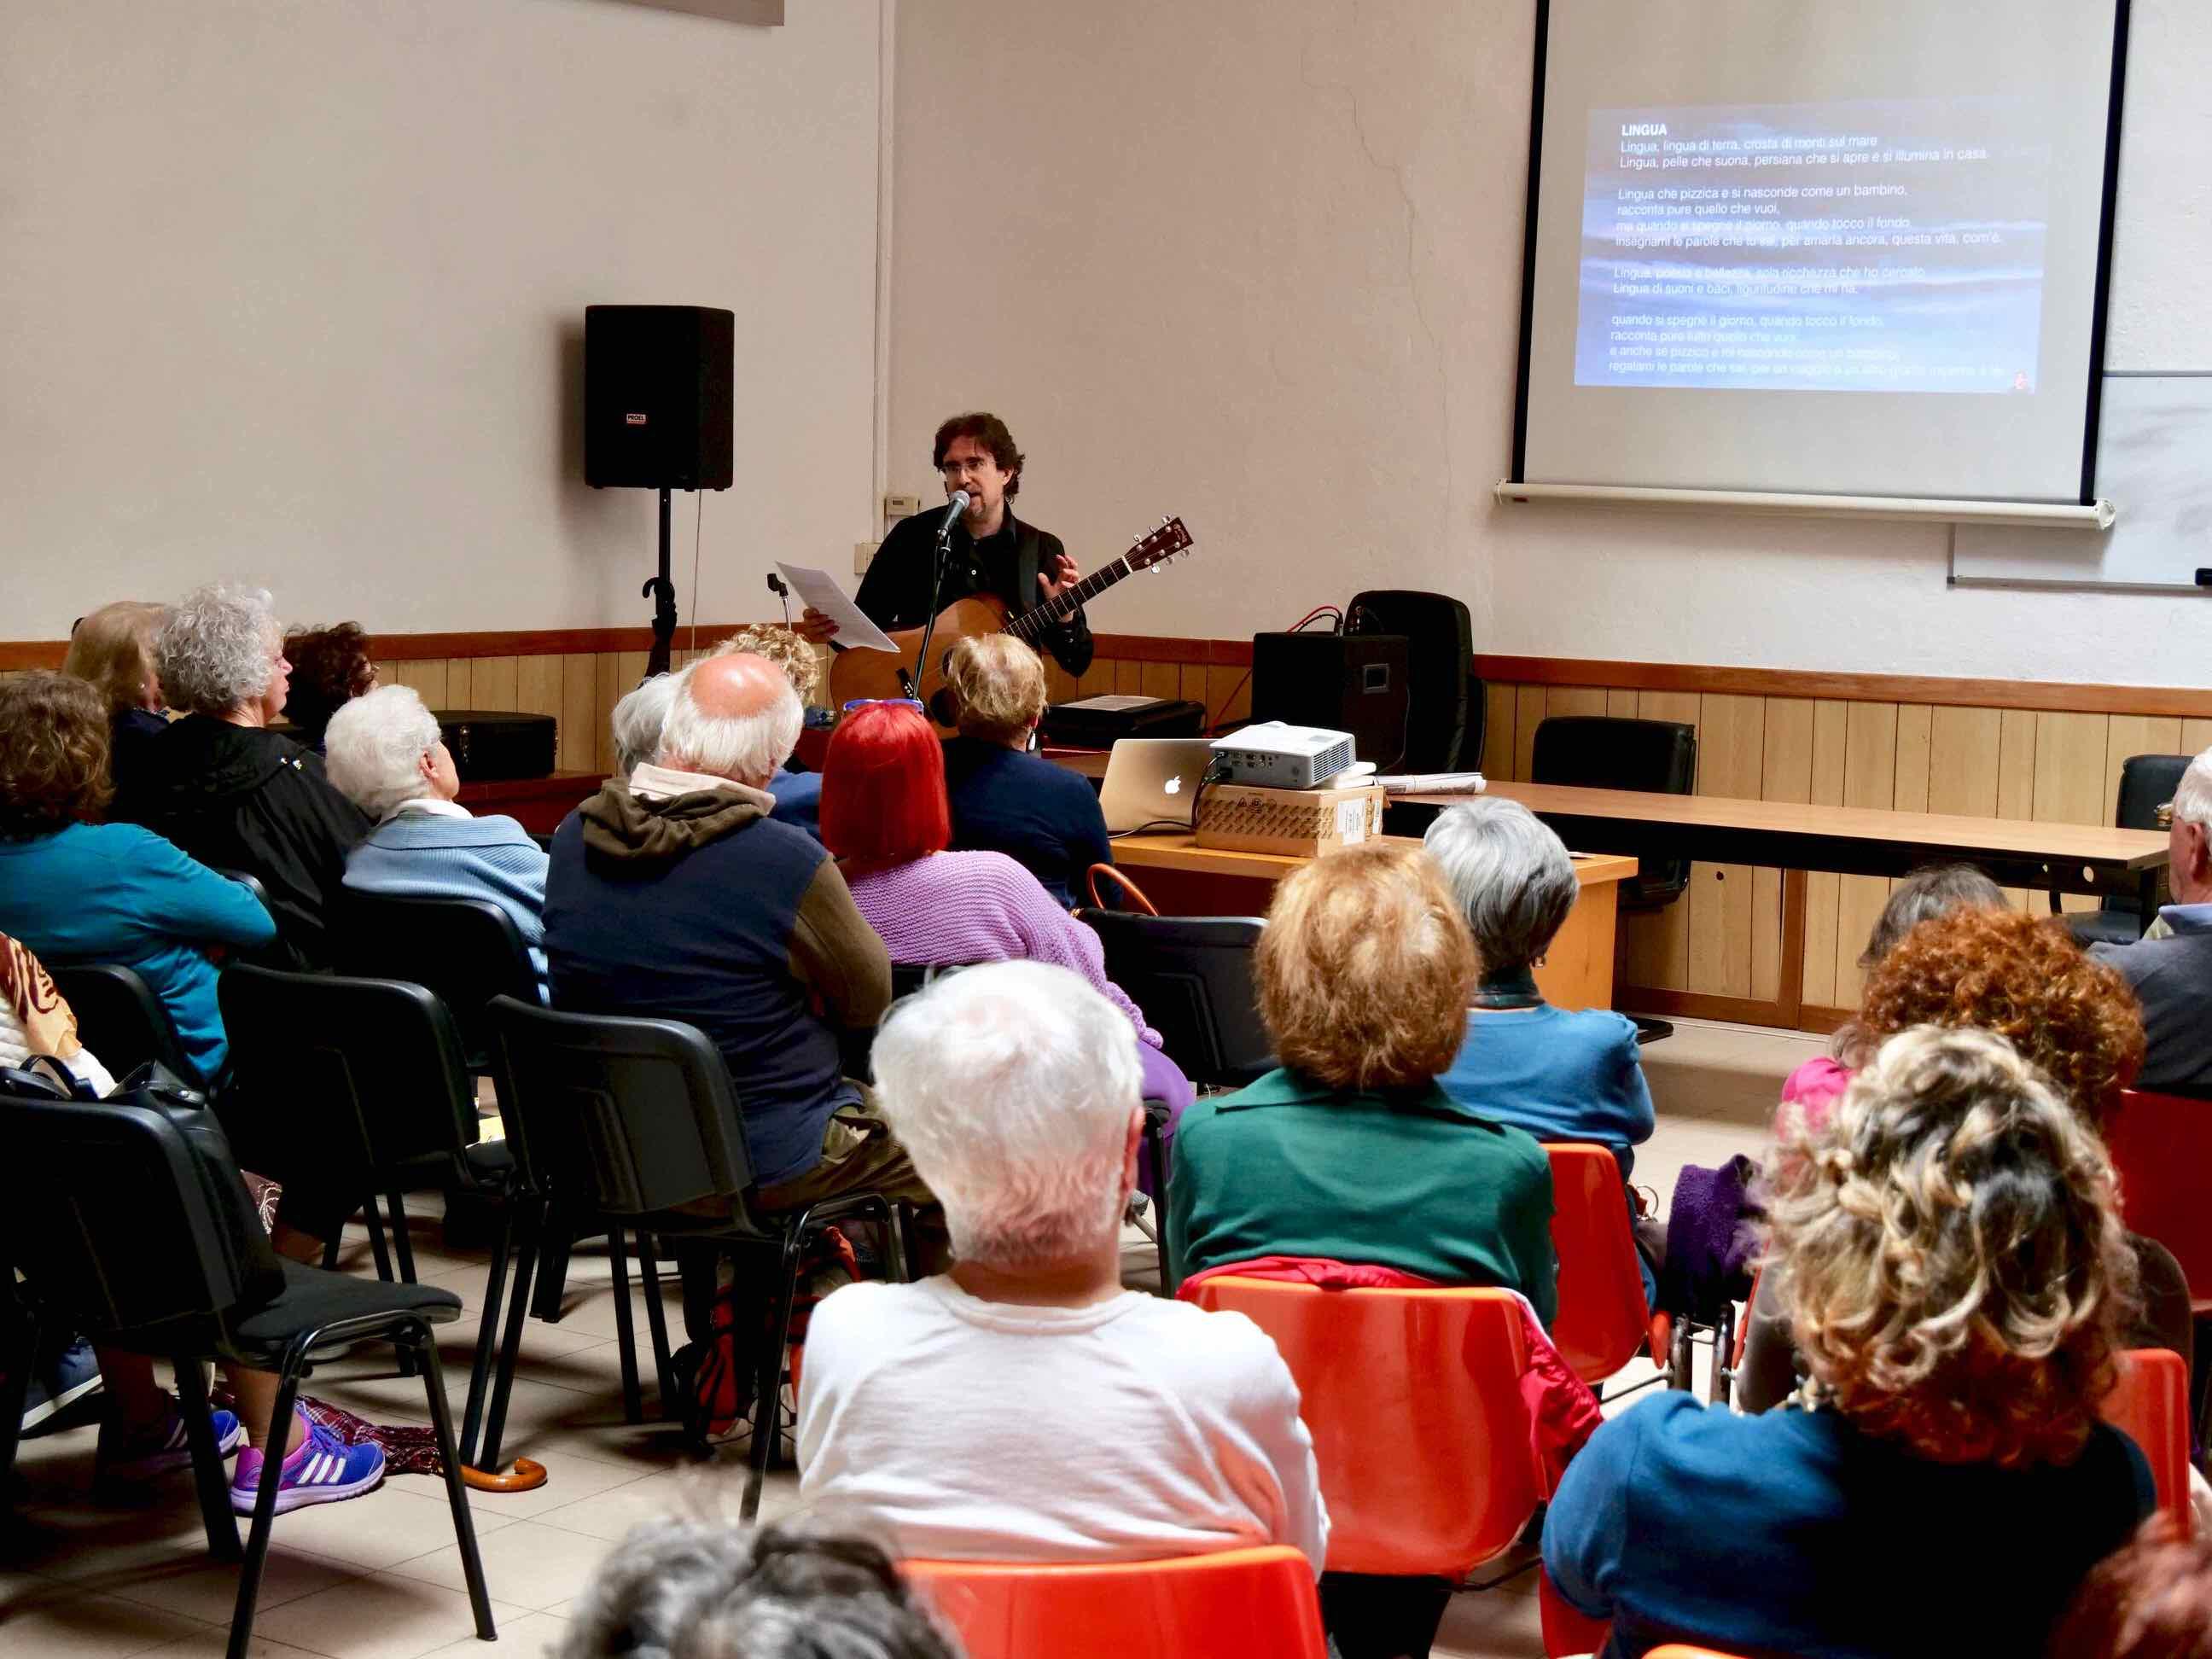 Canzoni e Liguritudine - Incontro con il cantautore Roberto Frugone